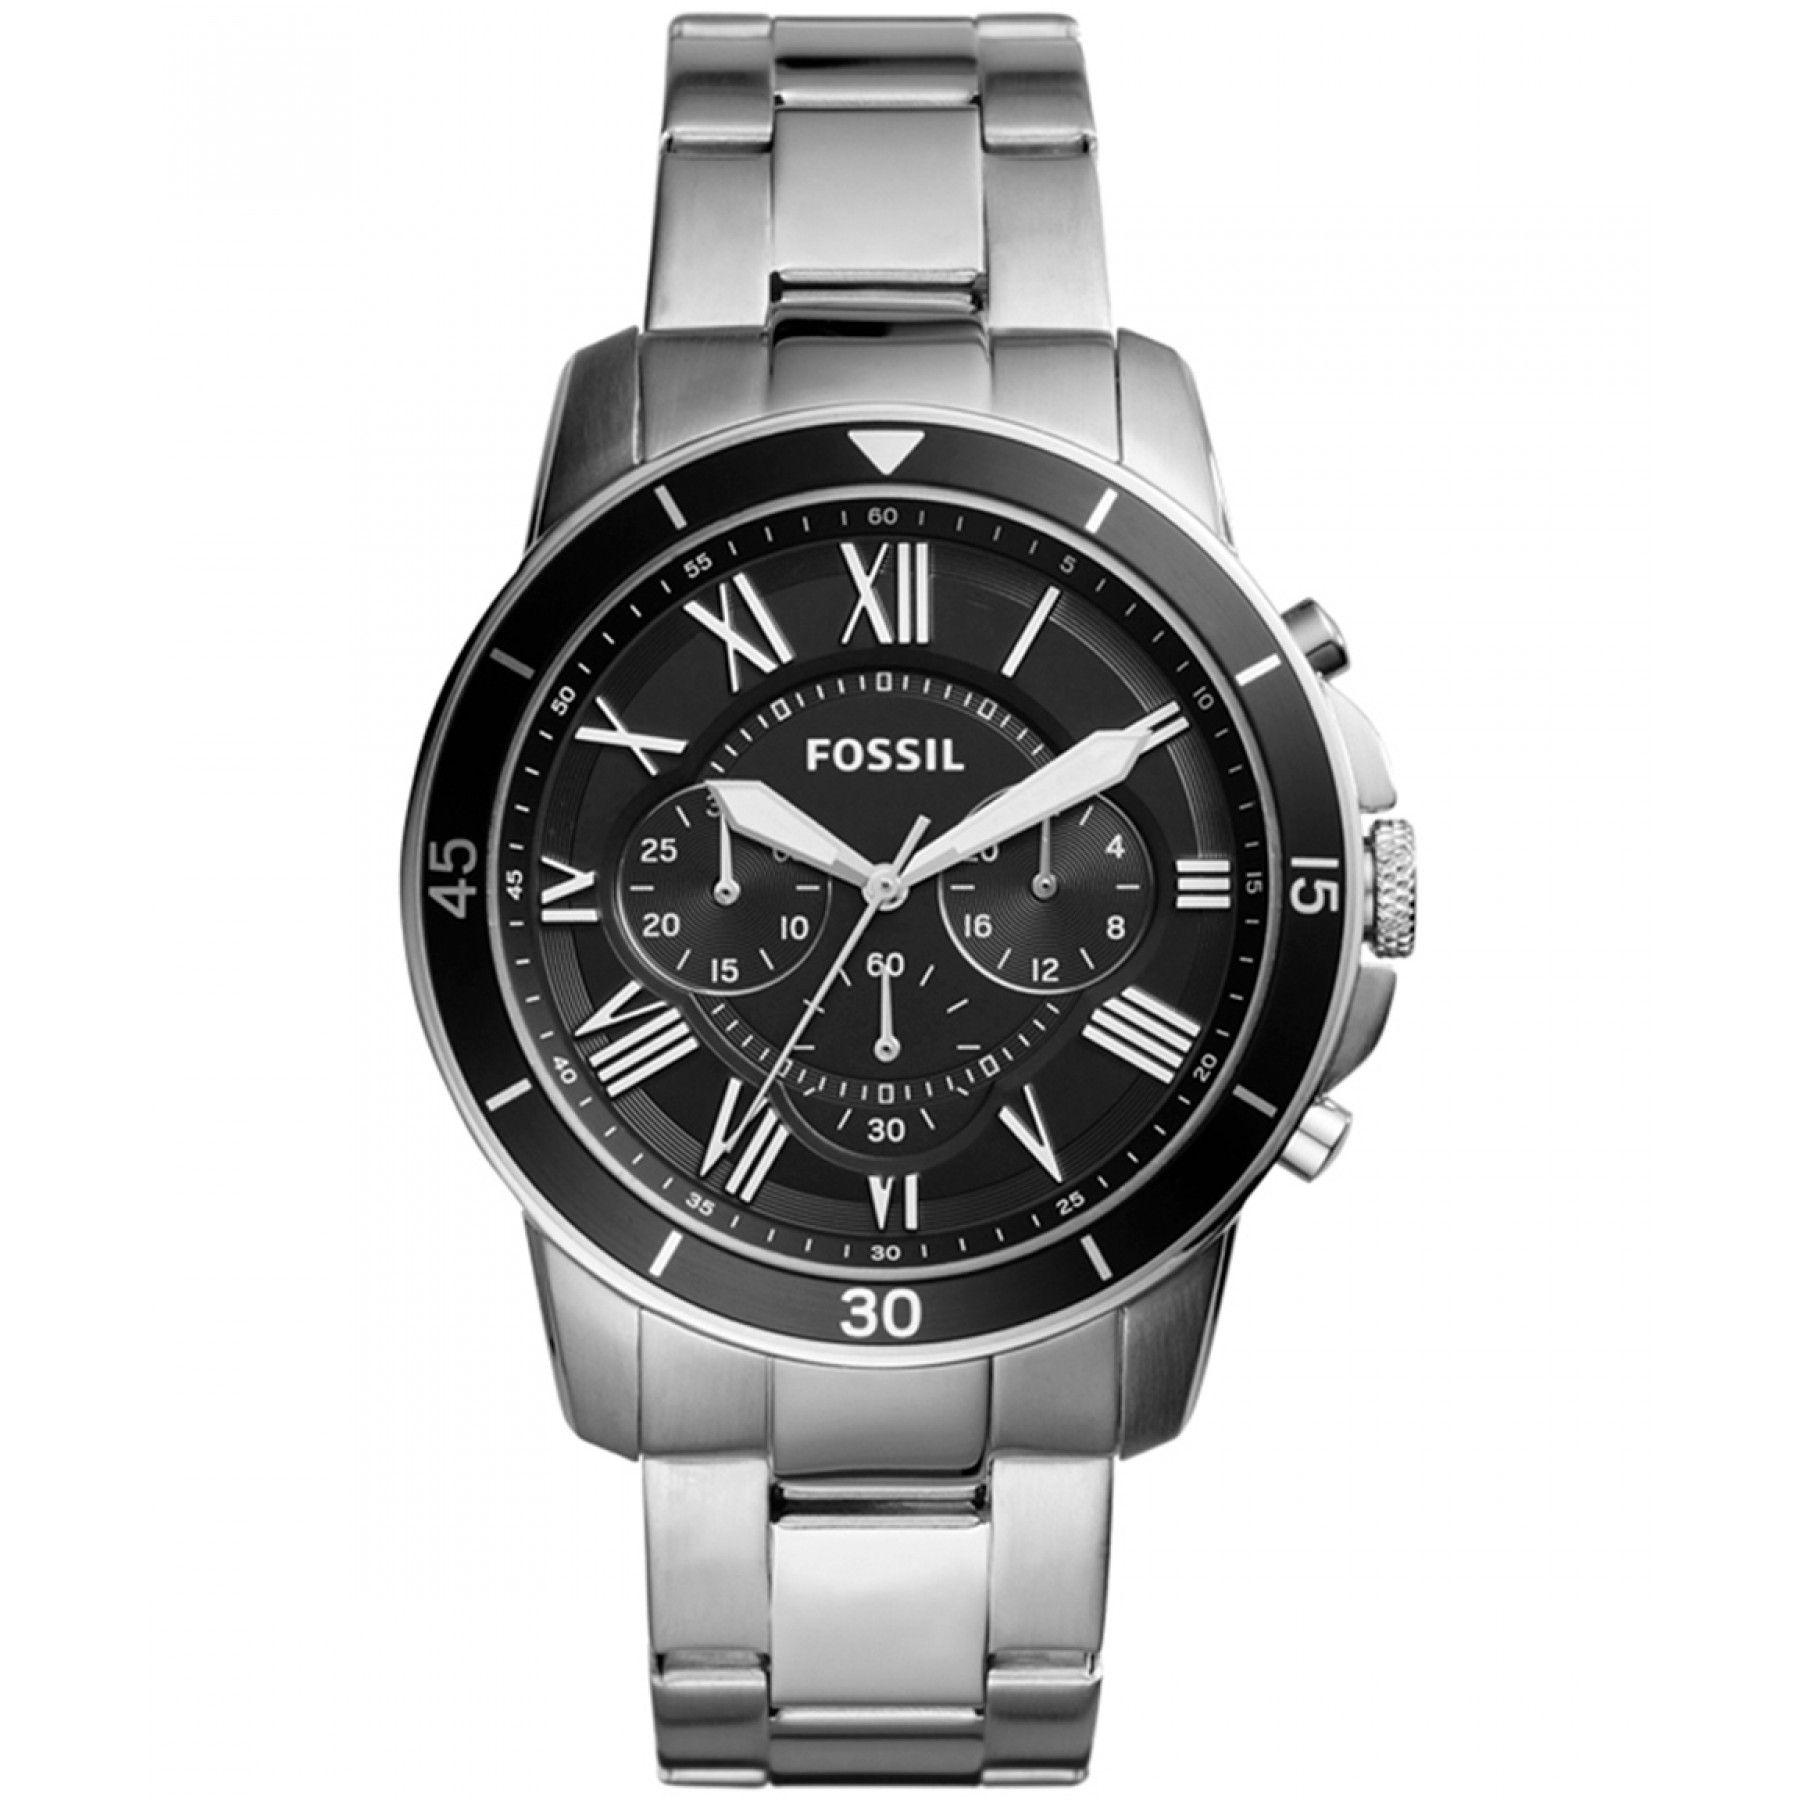 9d8c0f127b31 Reloj Fossil con caja bisel y extensible de acero carátula color negro y  manecillas luminiscentes.